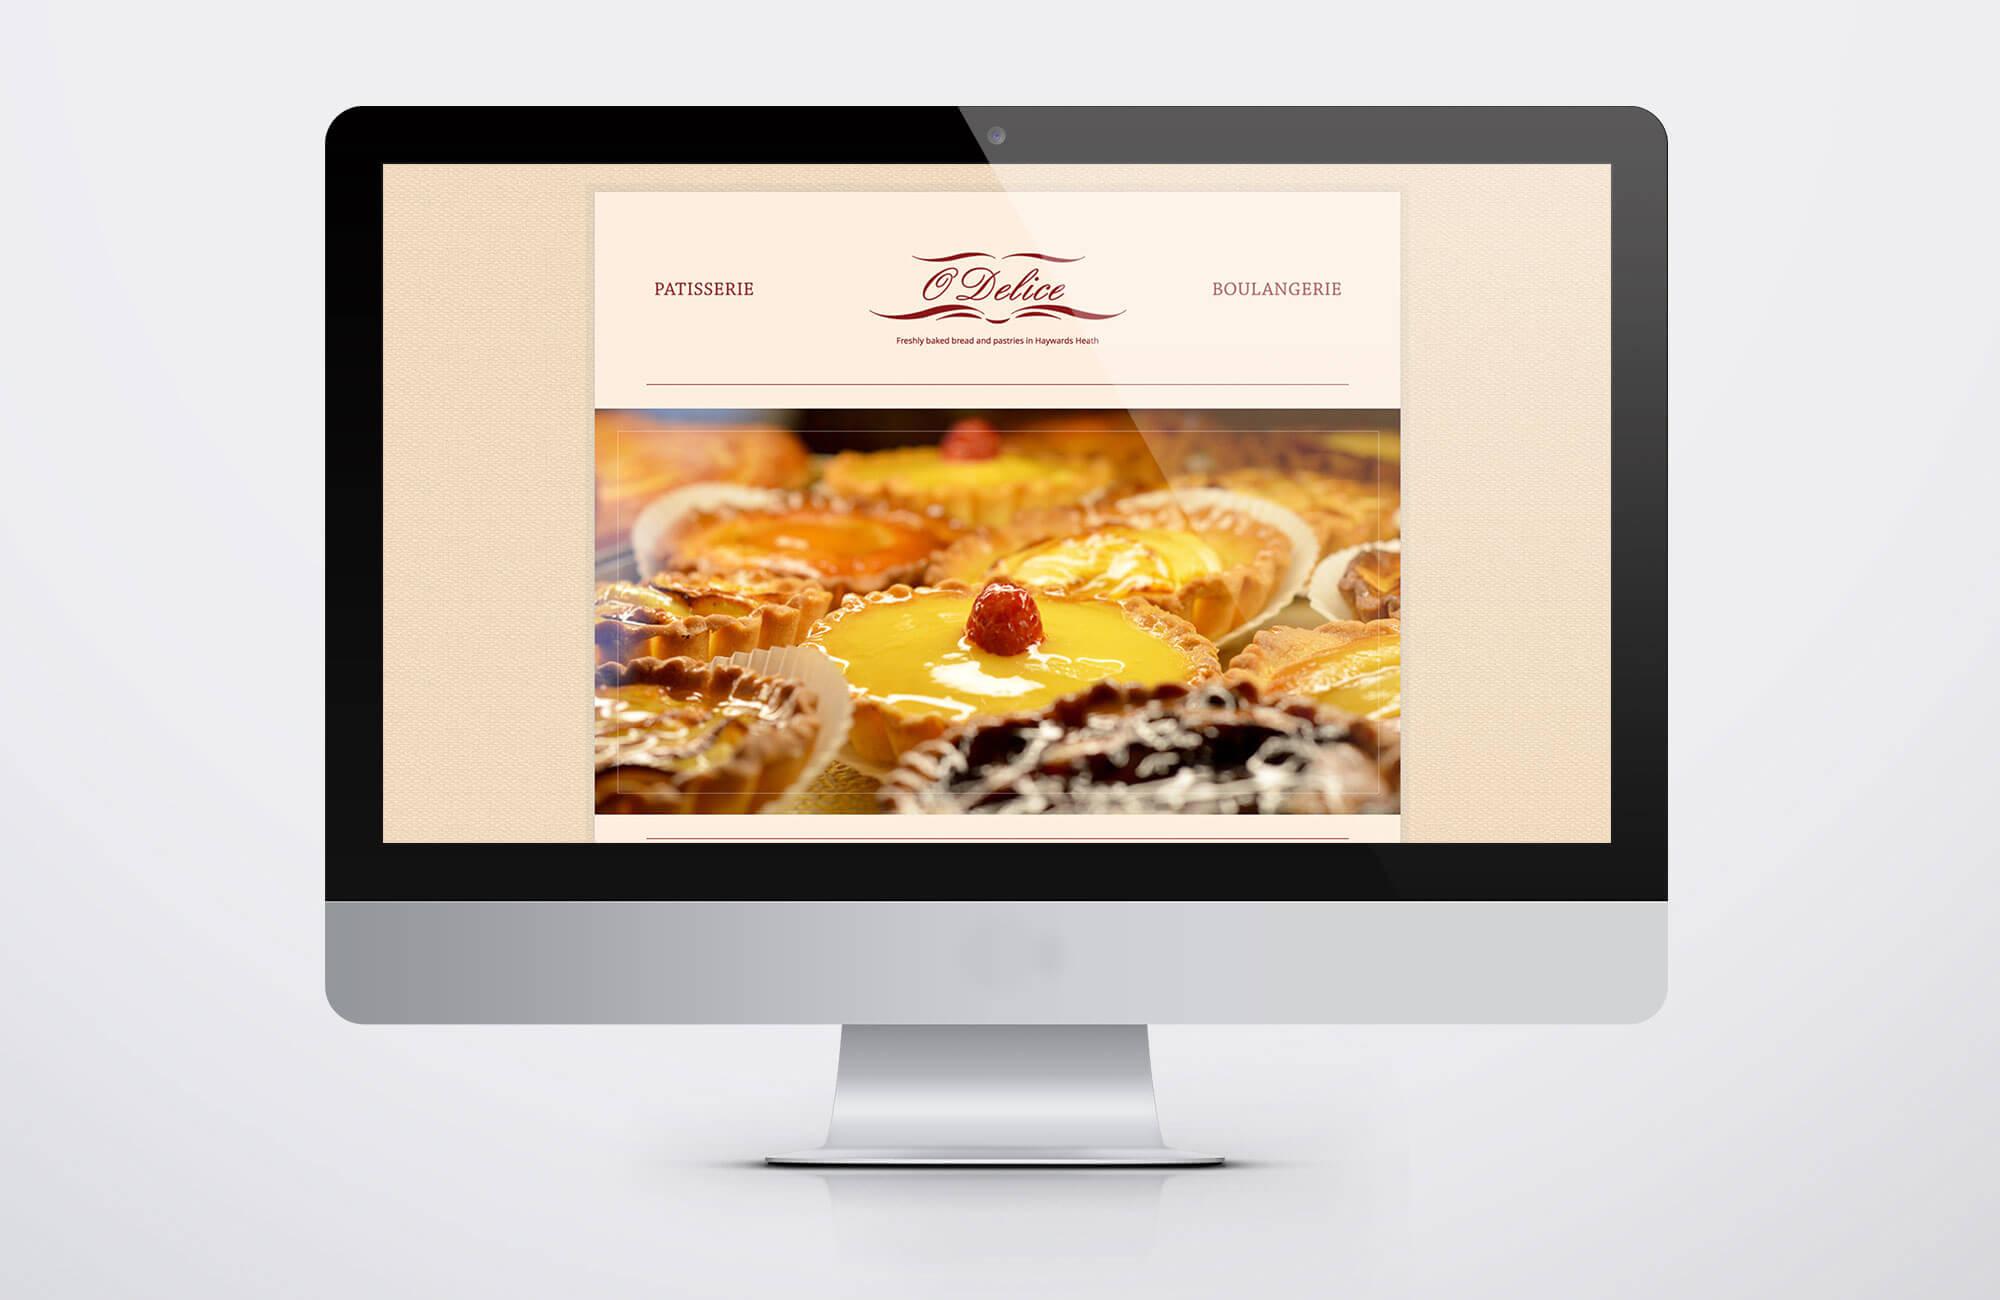 Odelice Website Design Visual